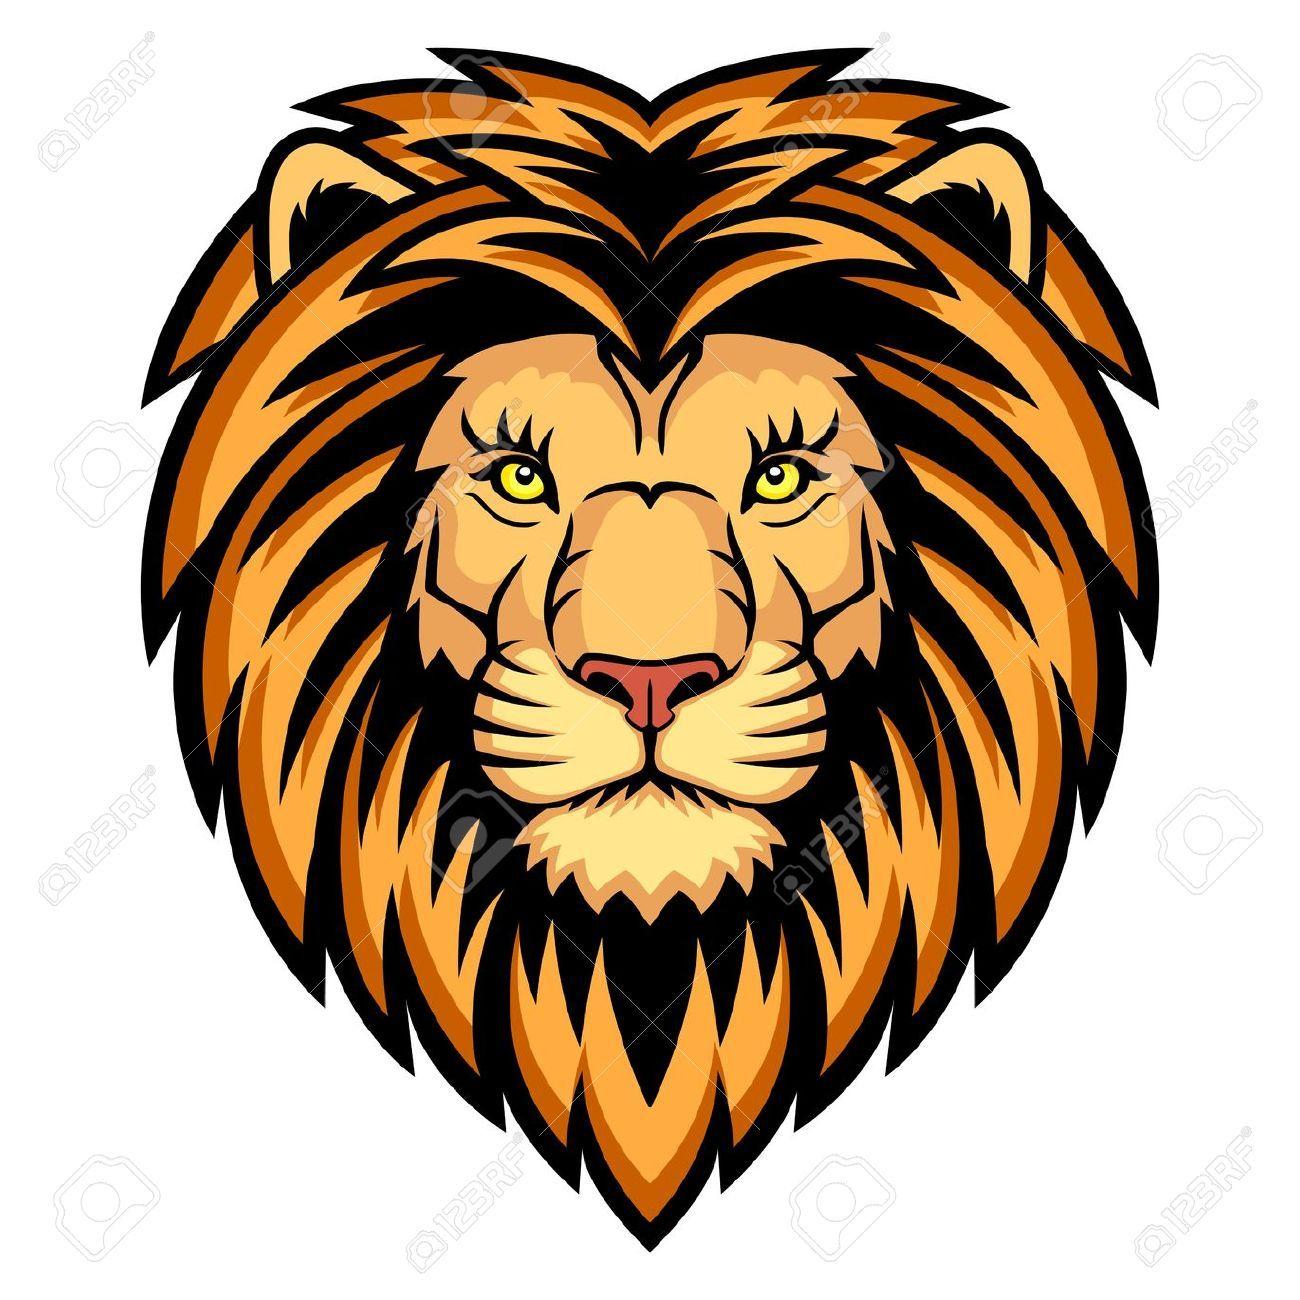 Lion face images clipart clipart transparent download Lion Head Clipart | backgrounds, clipart, images etc. | Lion ... clipart transparent download